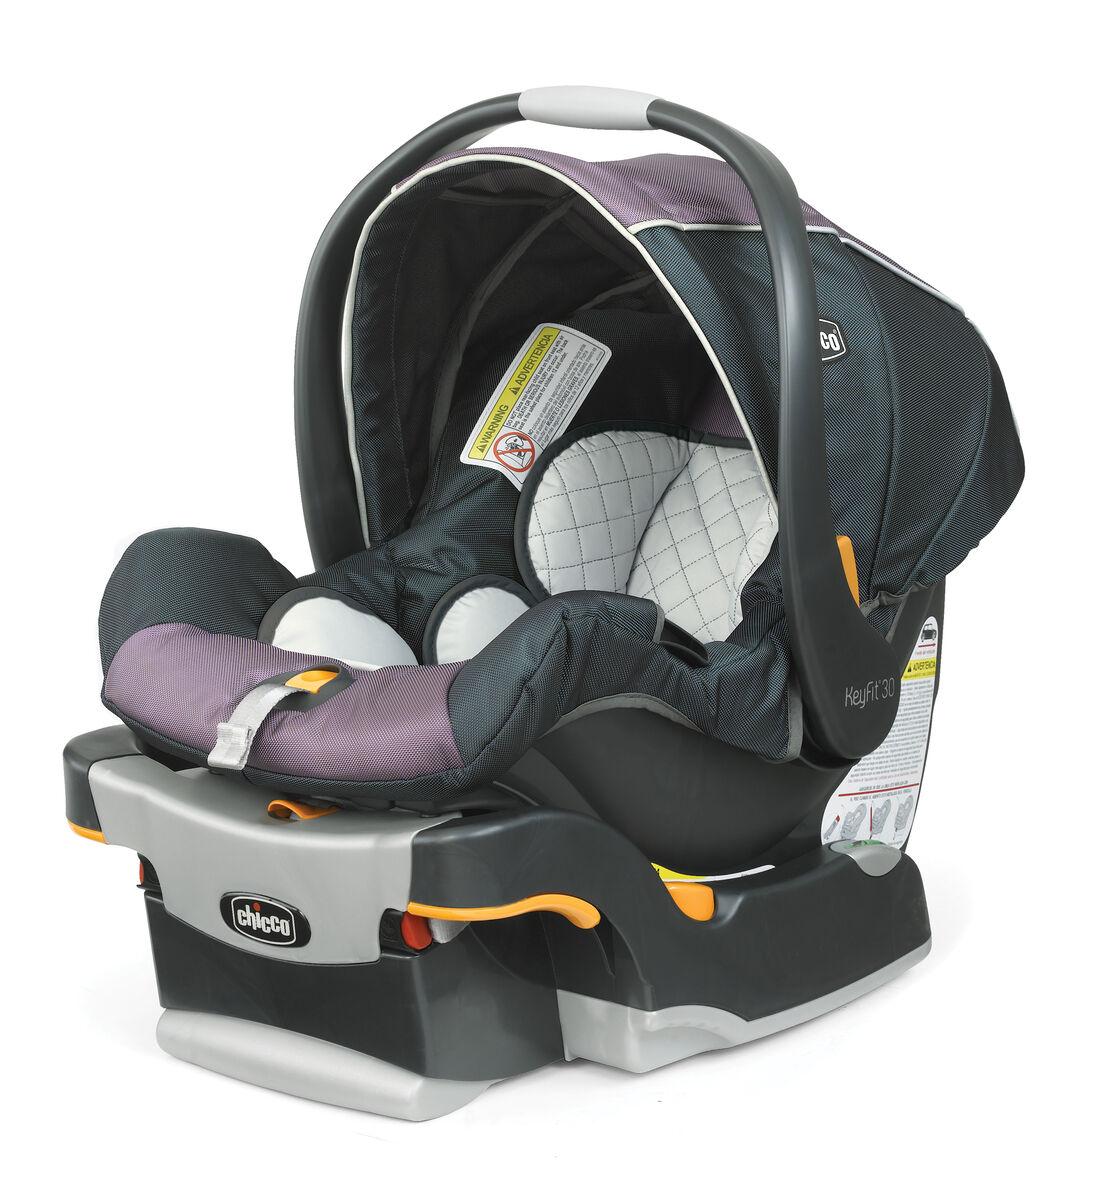 Keyfit 30 infant car seat base lyrakeyfit 30 infant car seat lyra car seat and car seat base